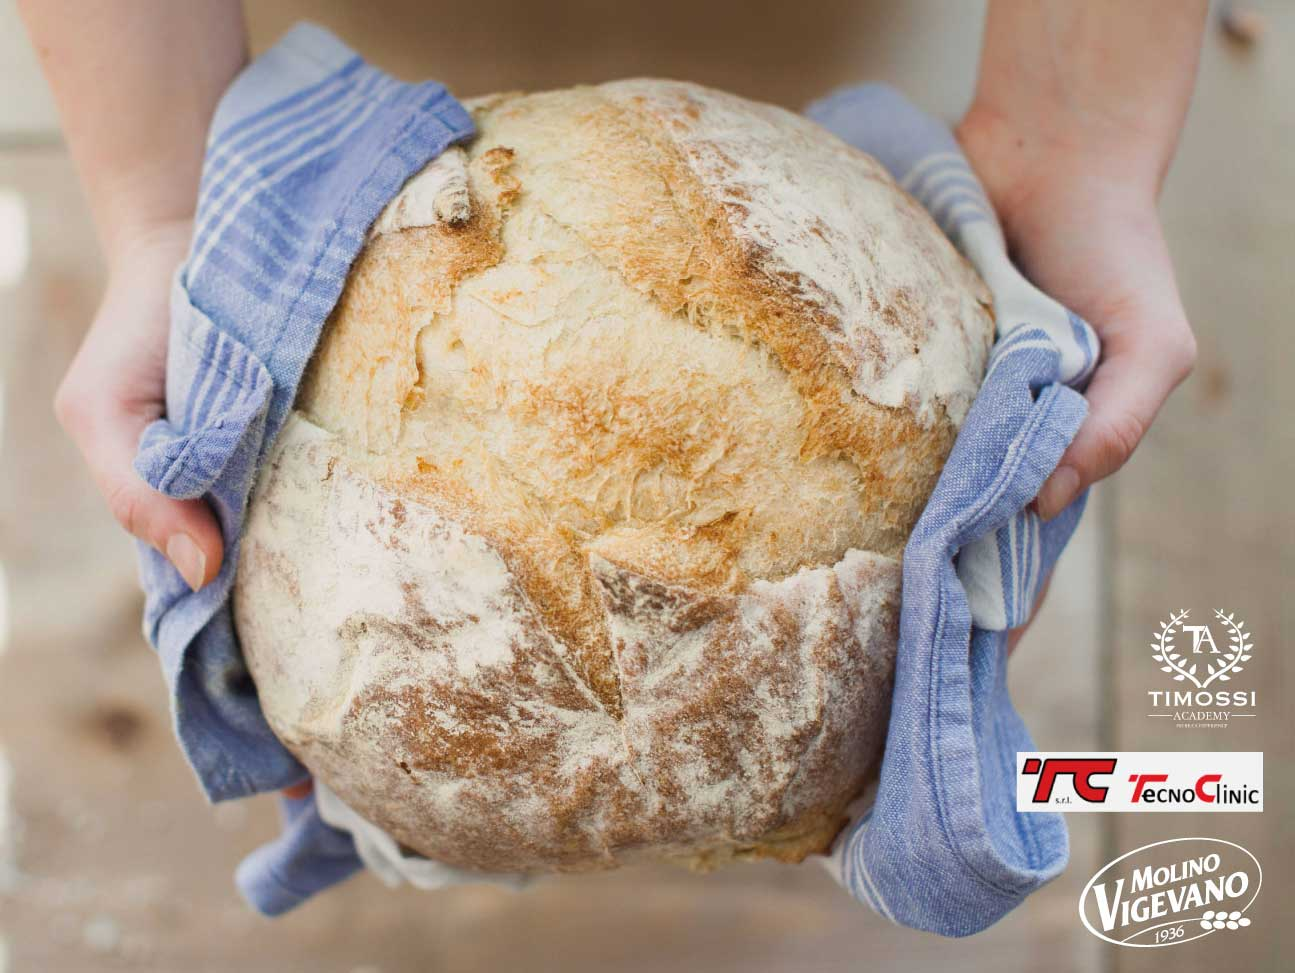 Corso cestino del pane tecnoclinic - Diversi tipi di pane ...